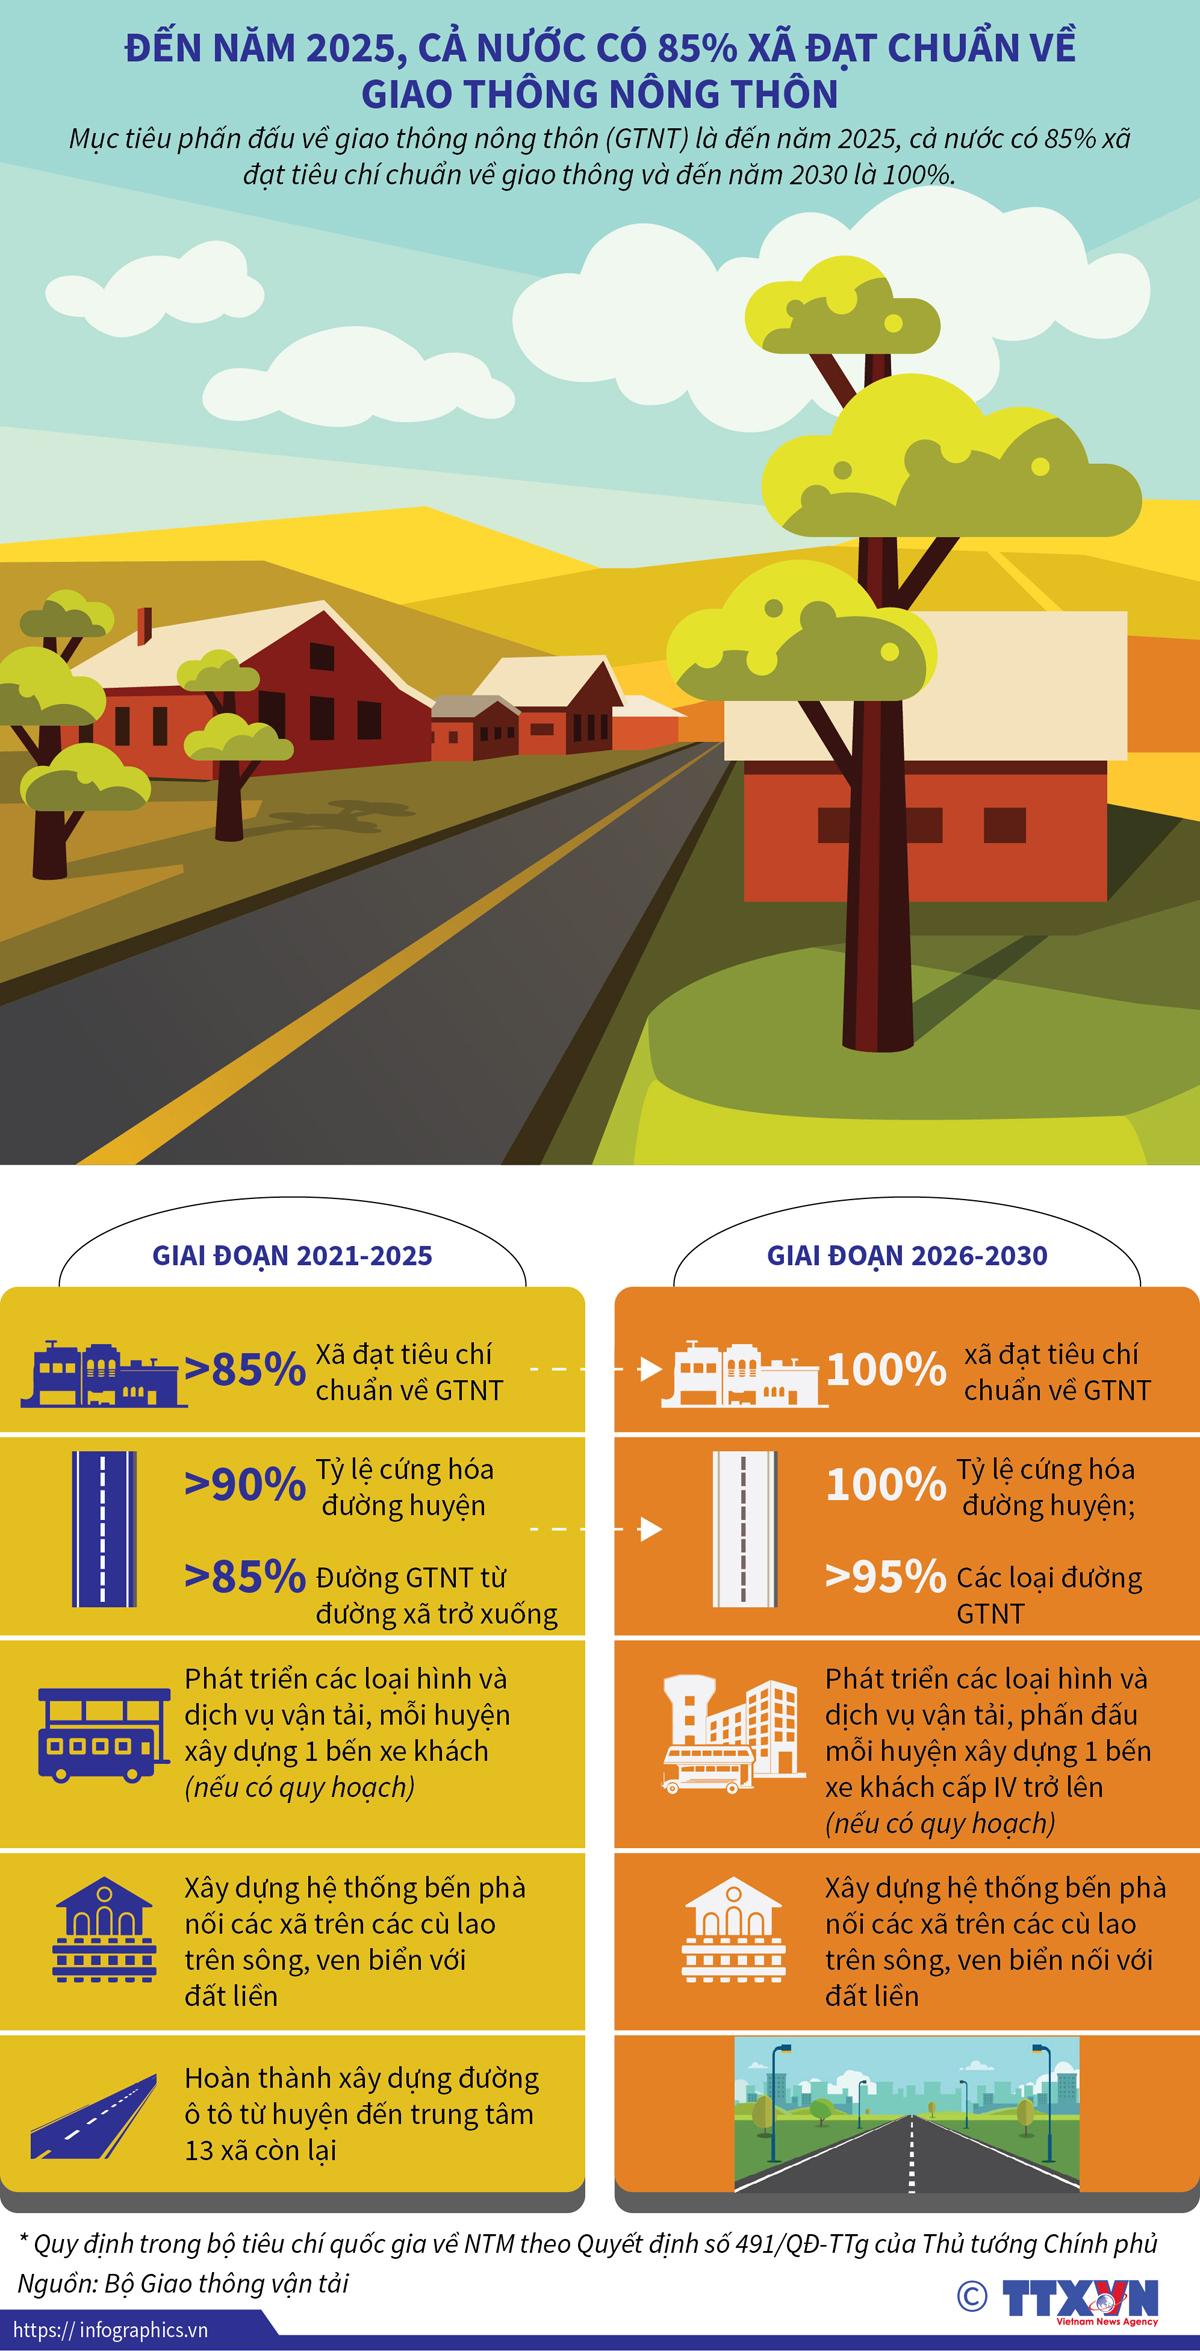 kinh tế, hội nhập, năm 2025, xã đạt chuẩn, giao thông nông thôn